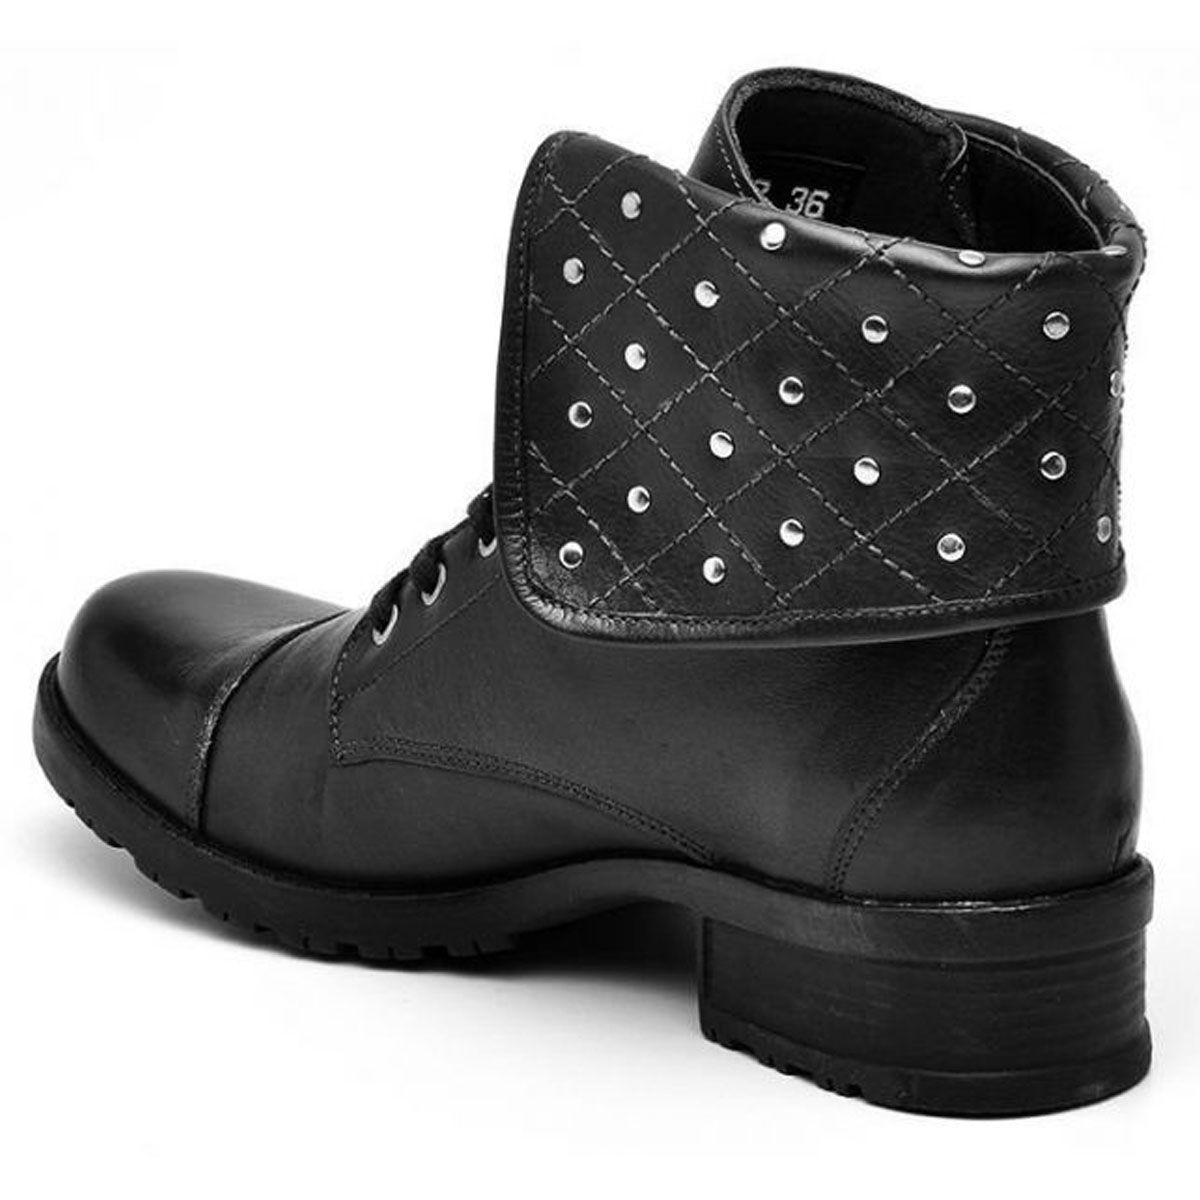 Coturno feminino couro legítimo 7502 preto